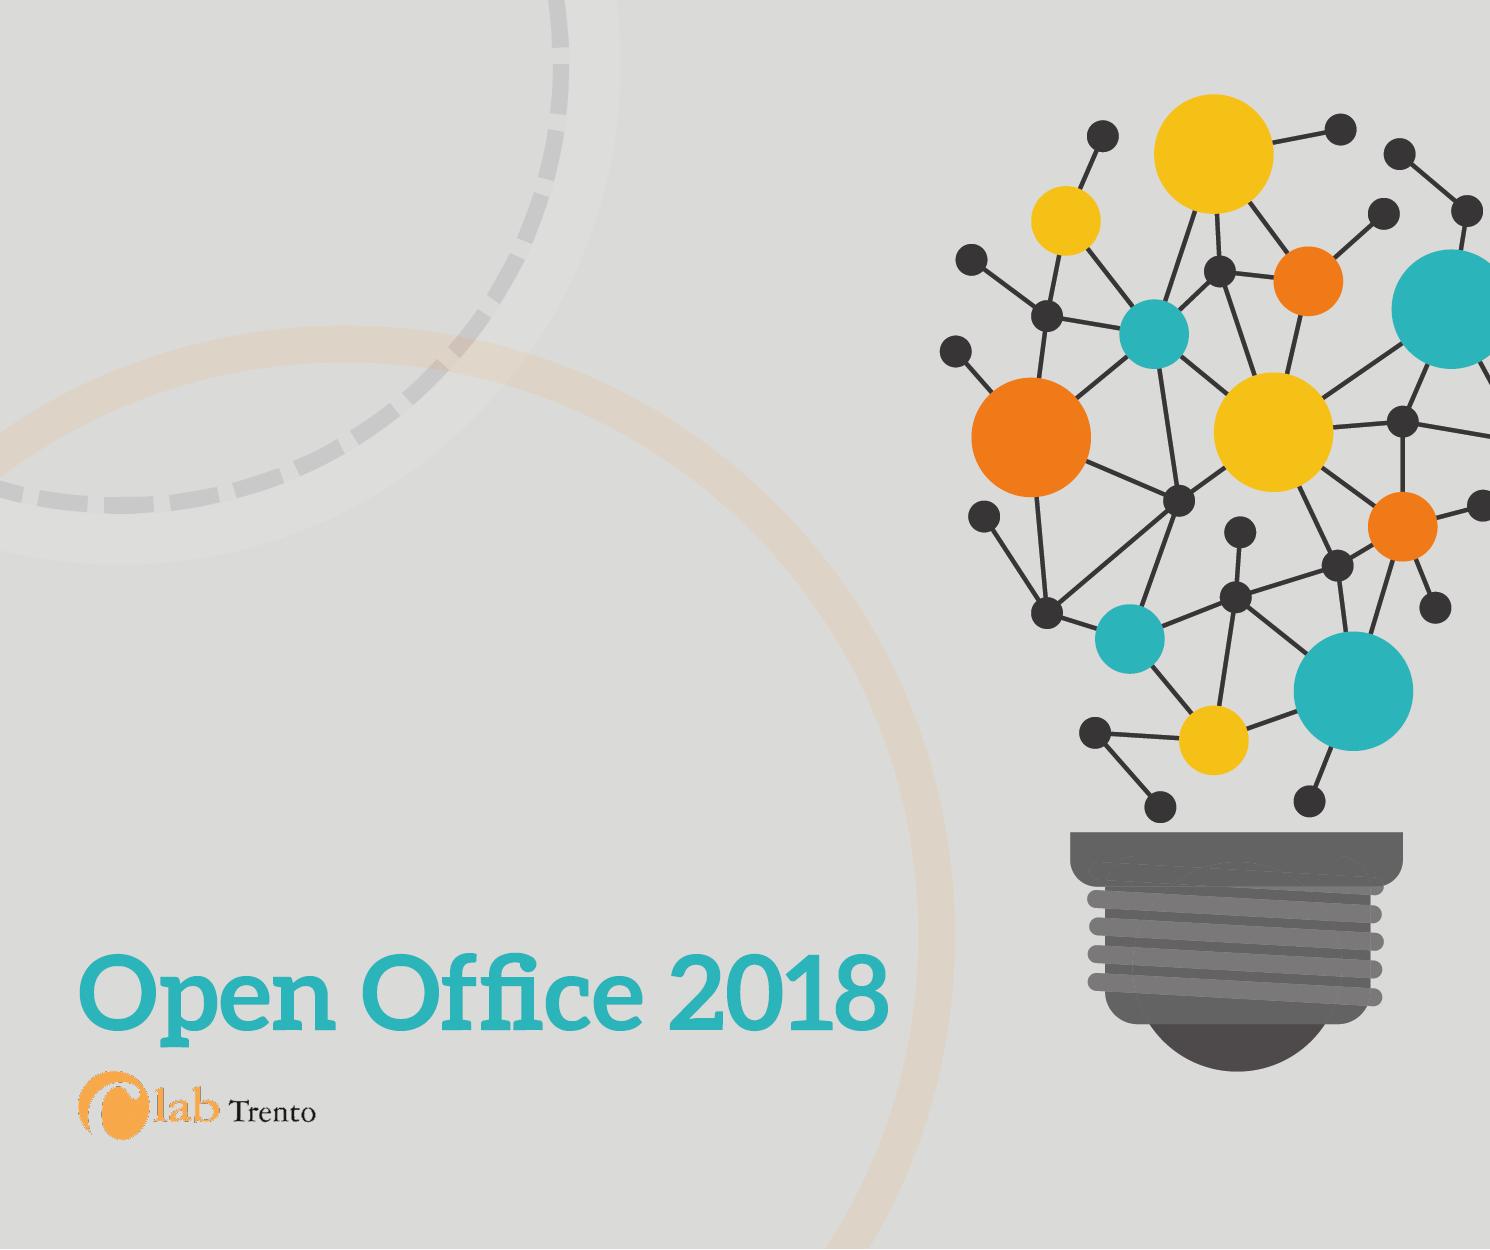 Open Office 2018